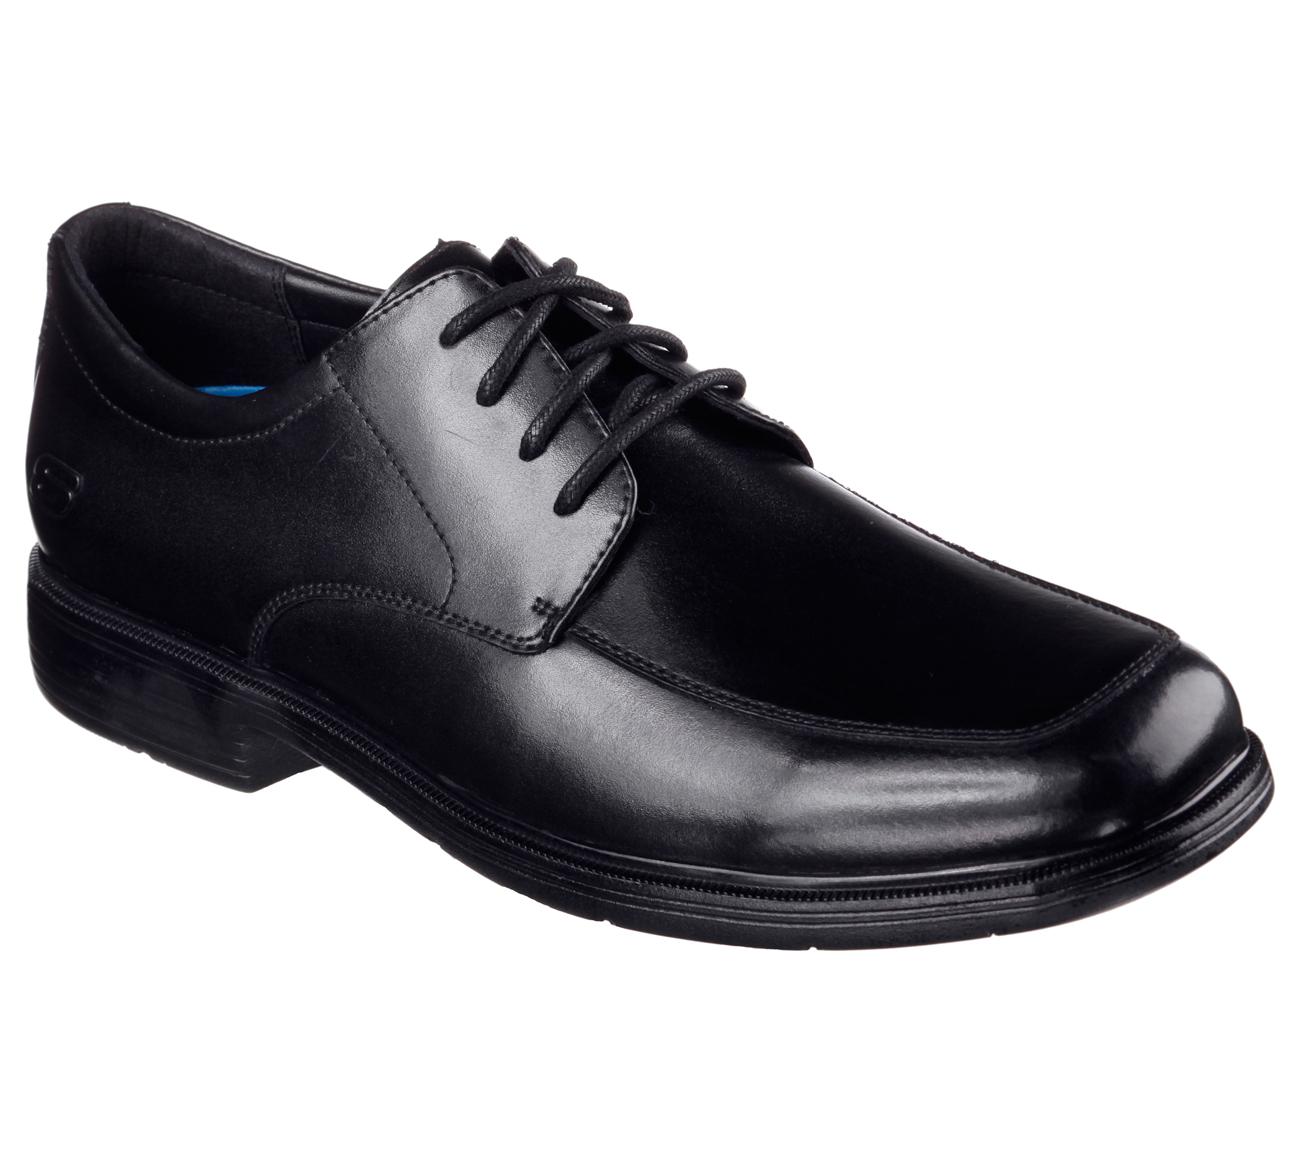 Skechers Black Leather Oxford Dress Shoe